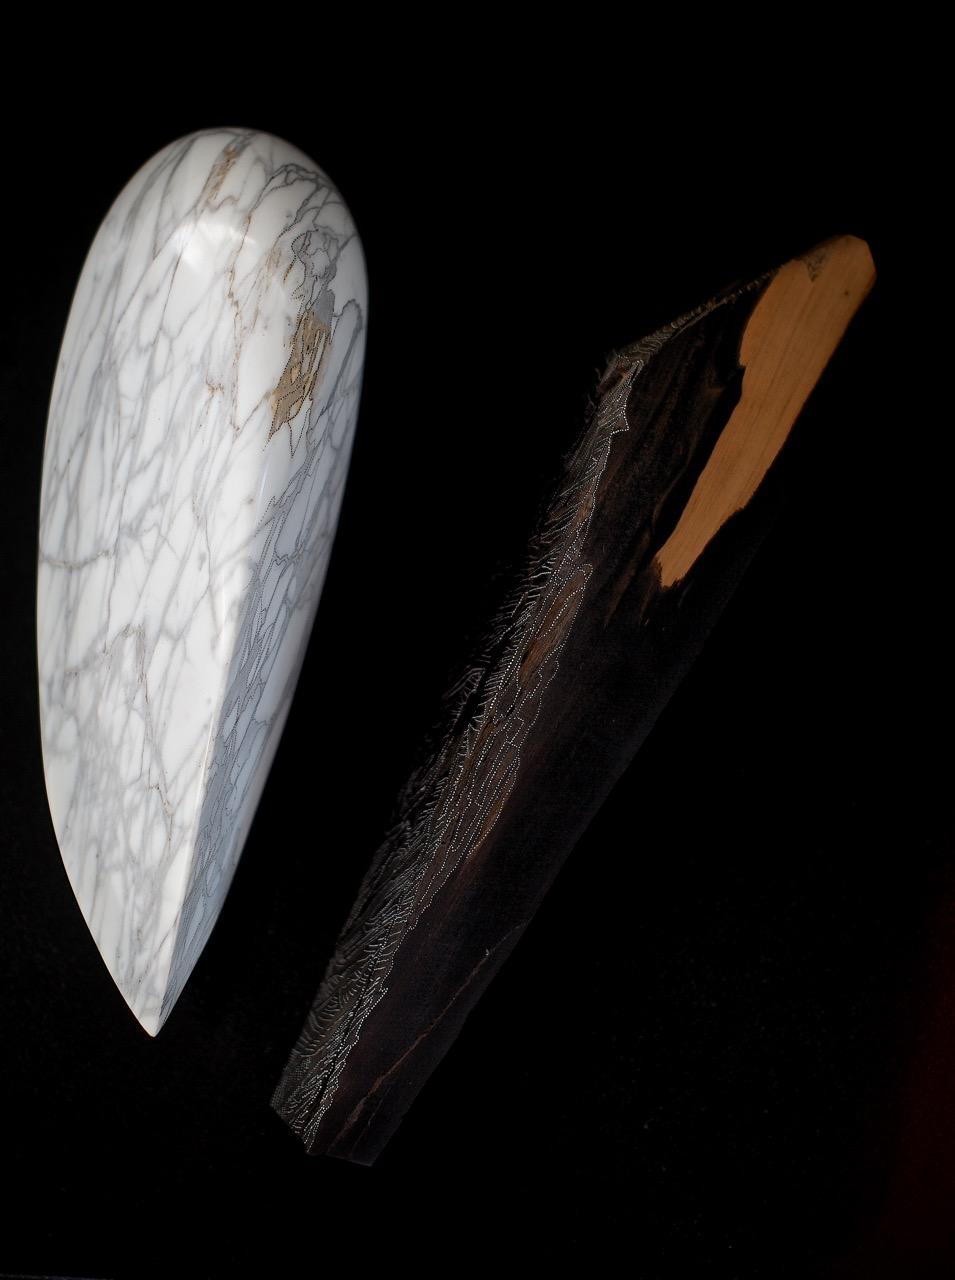 CONSCIENCE ENDORMIE  Marbre Arabescato, bois d'ébène de macassar, acrylique  40 x 50 x 20 cm